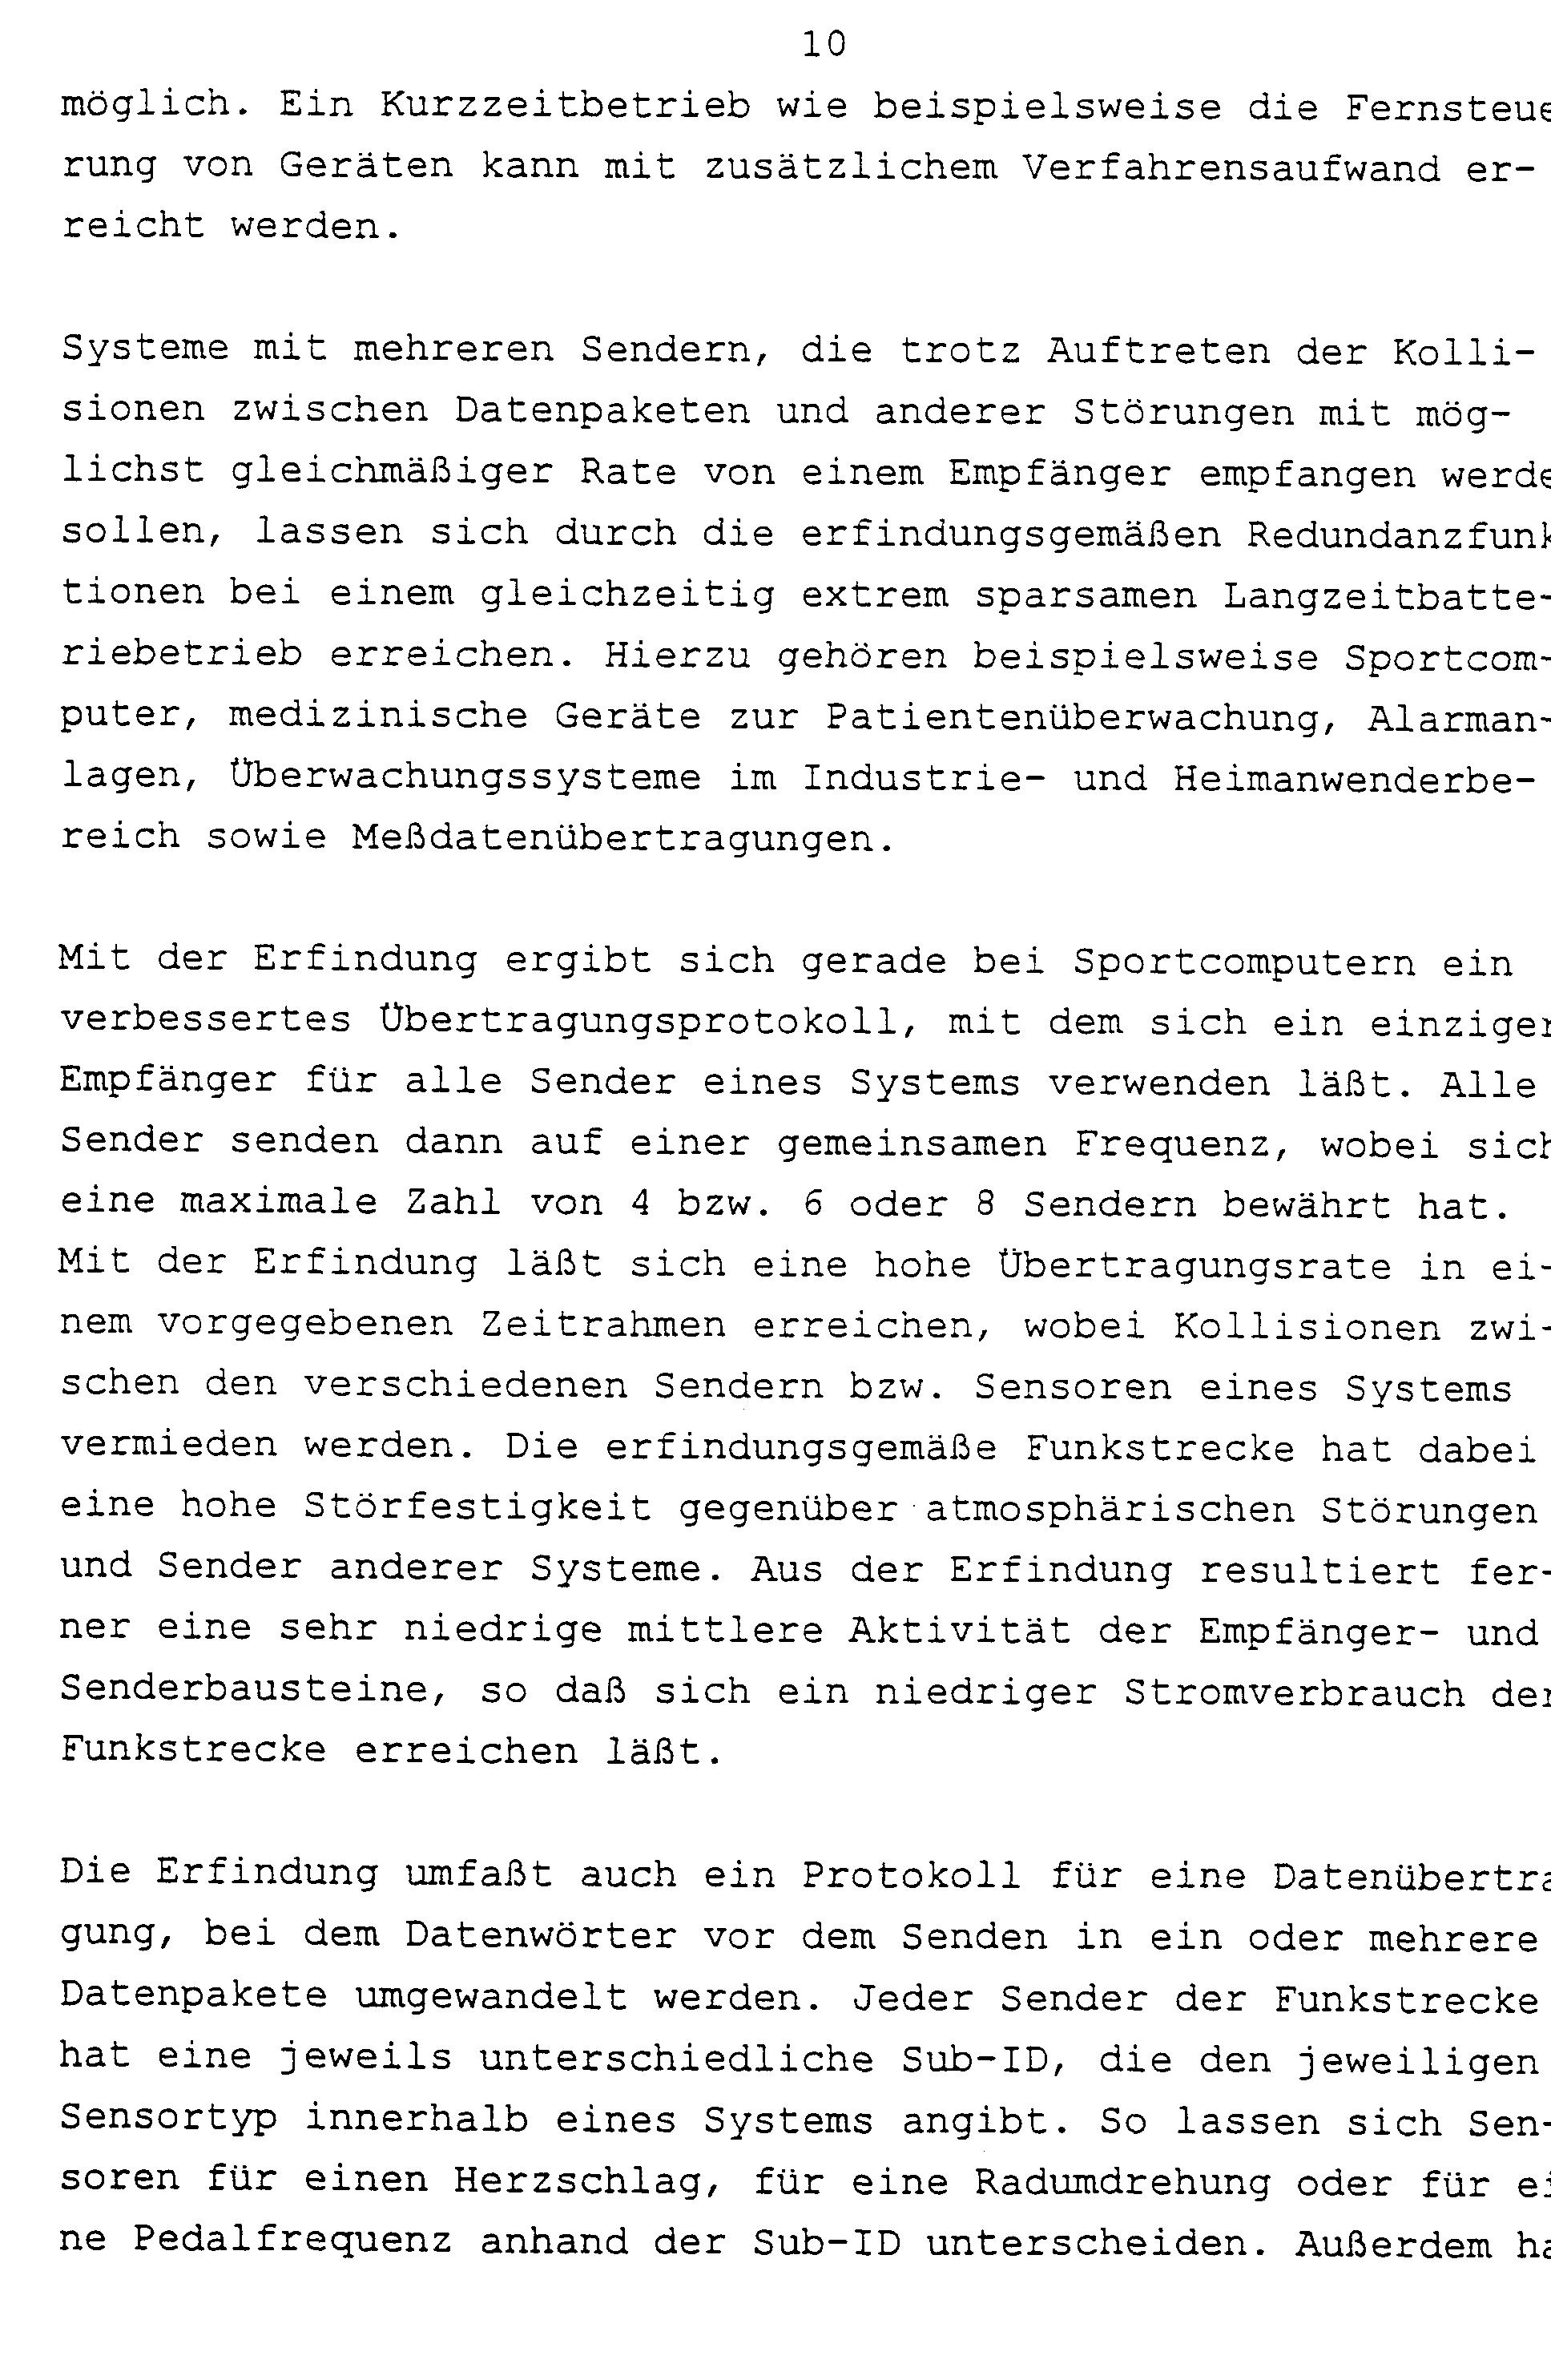 Großzügig Zündkabelpläne Für Gartentraktoren Galerie - Elektrische ...